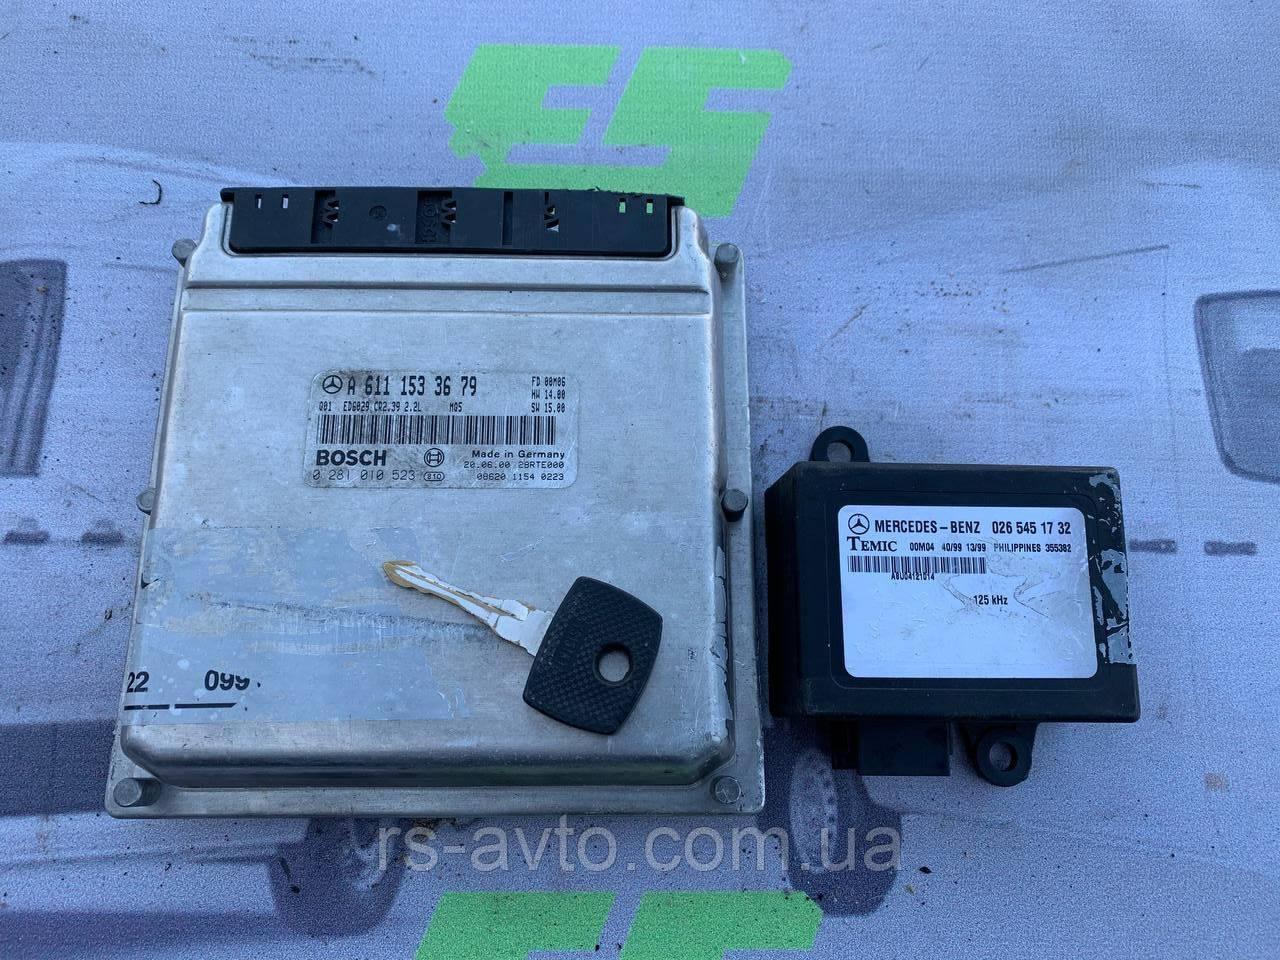 Електронний блок управління Mercedes Sprinter 901-905 A6111533679